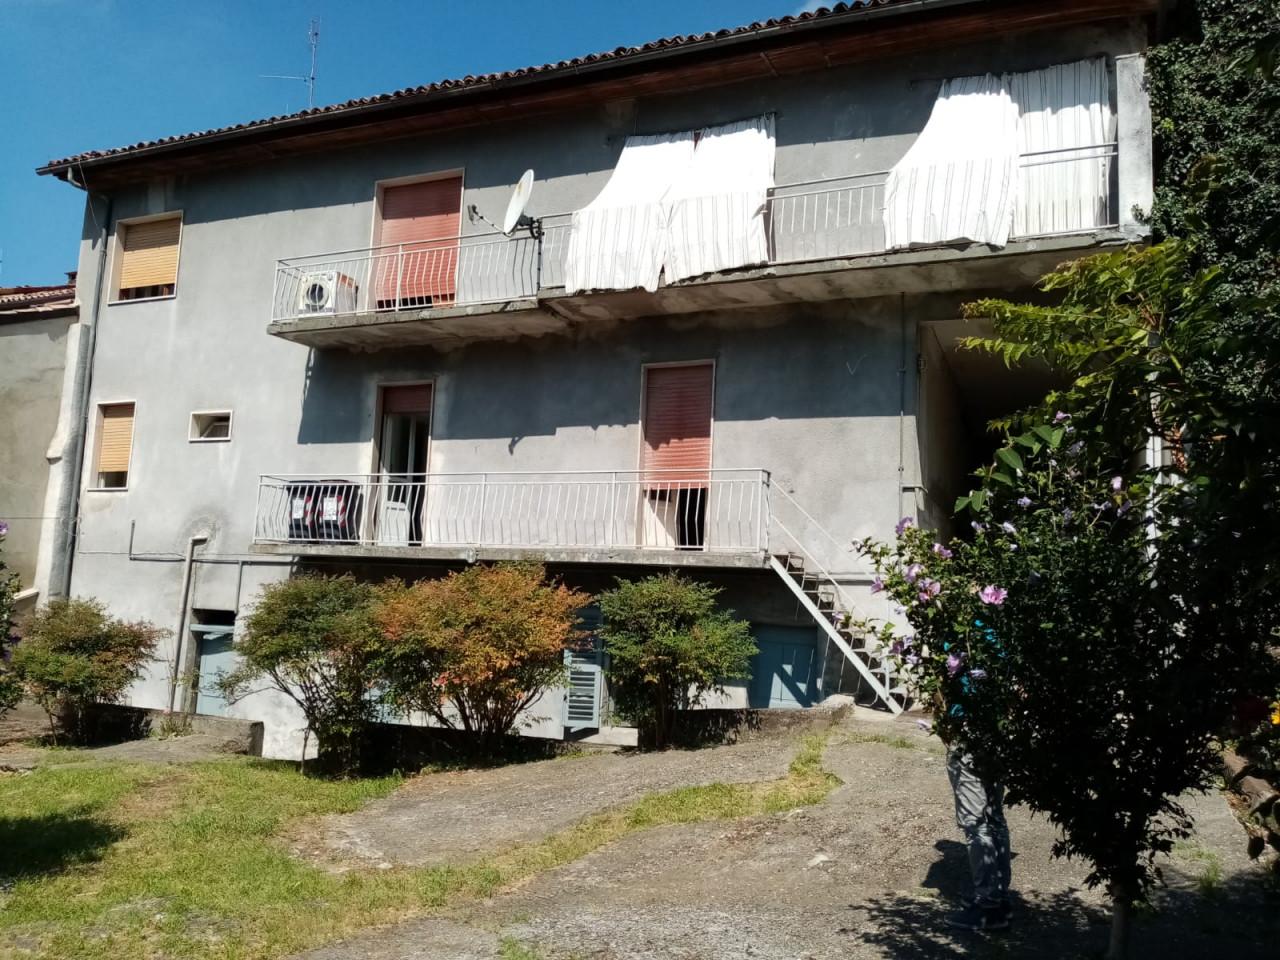 Ottiglio vendesi casa indipendente con cortile e giardino richiesta Euro 38.000